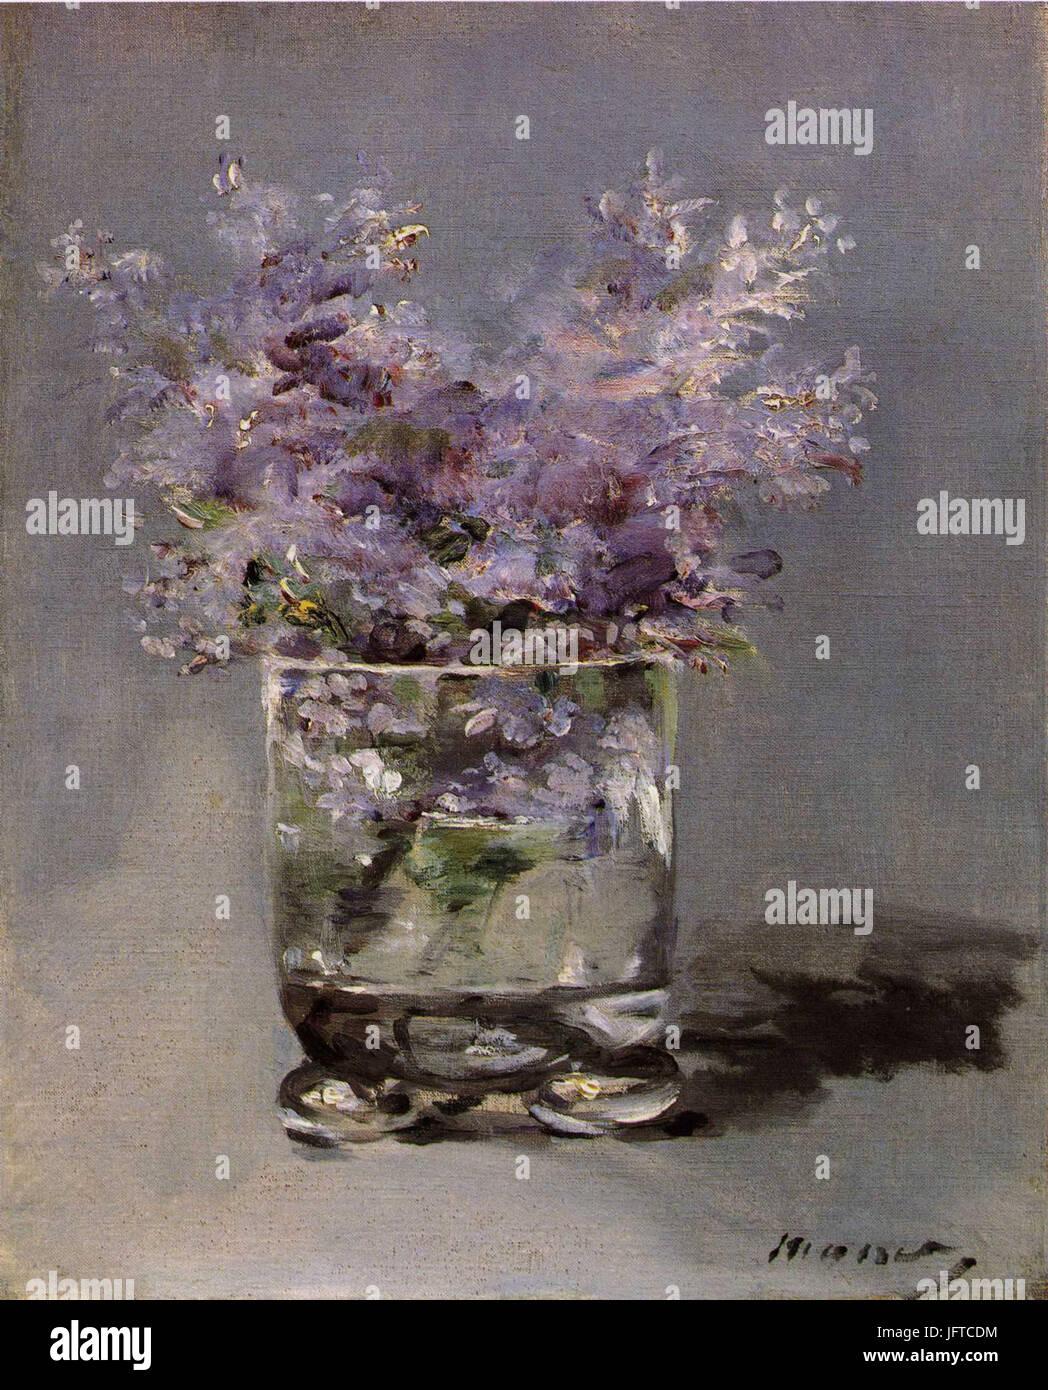 Édouard Manet - Lilas dans un verre (RW 382) - Stock Image